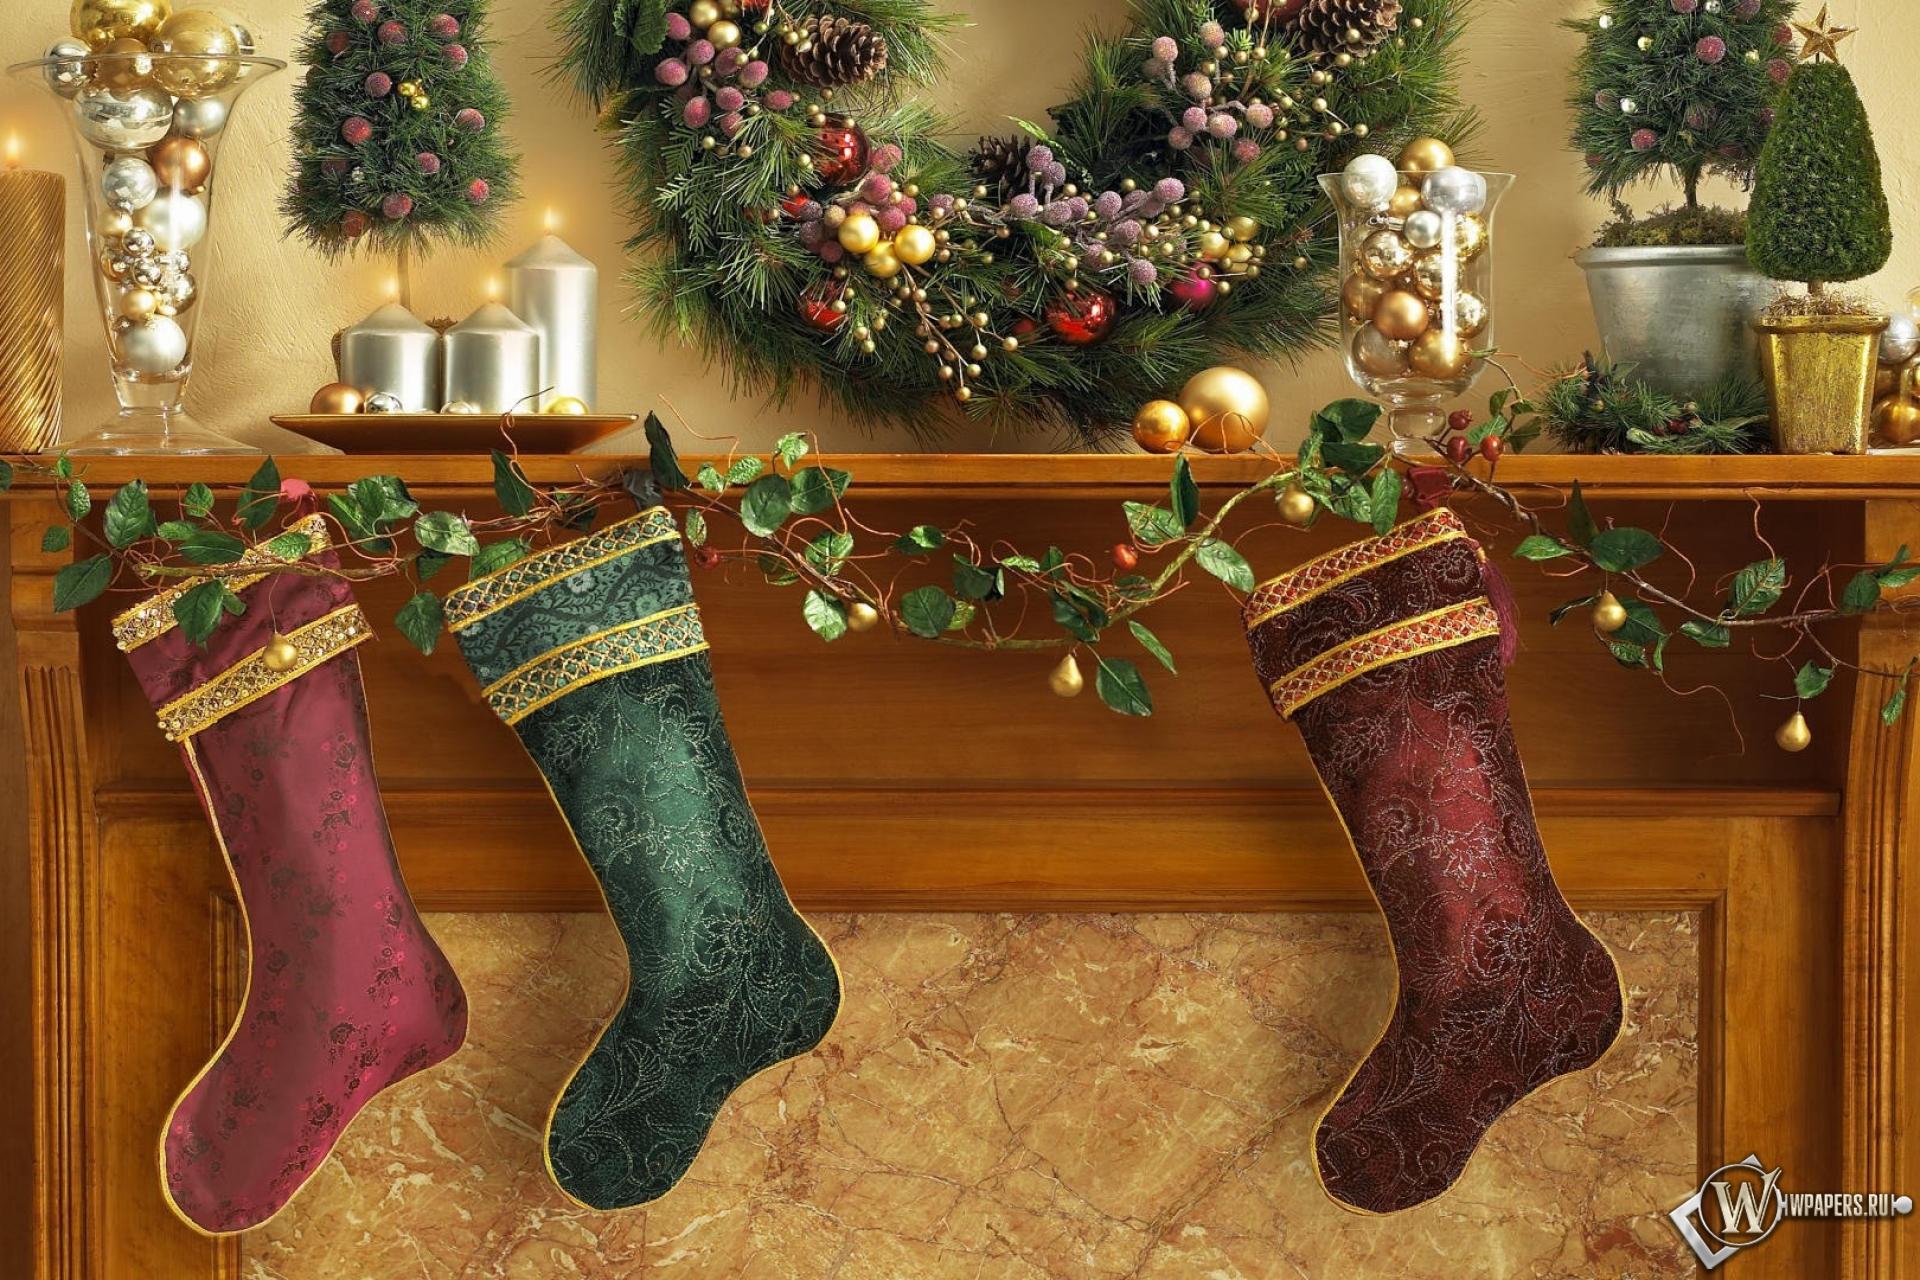 Рождественские носки 1920x1280